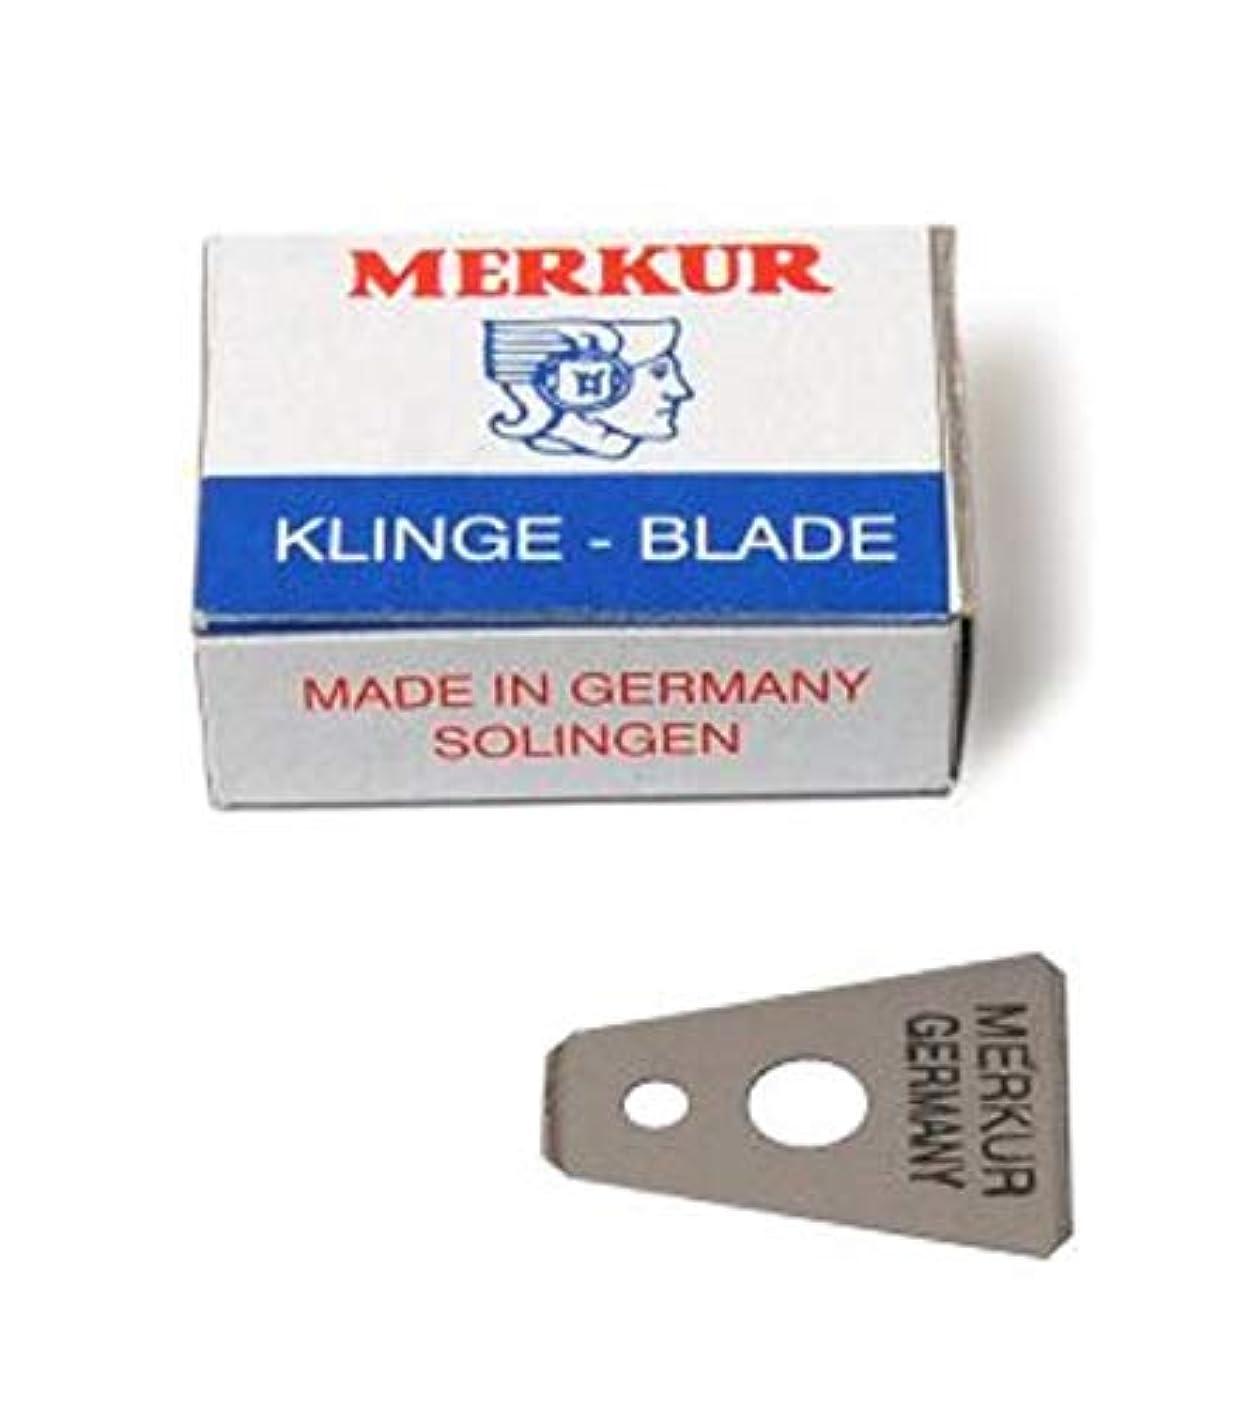 スリッパ宿る太いMERKUR Solingen - Razor blades for moustache shaver, 10 pieces, 90908100